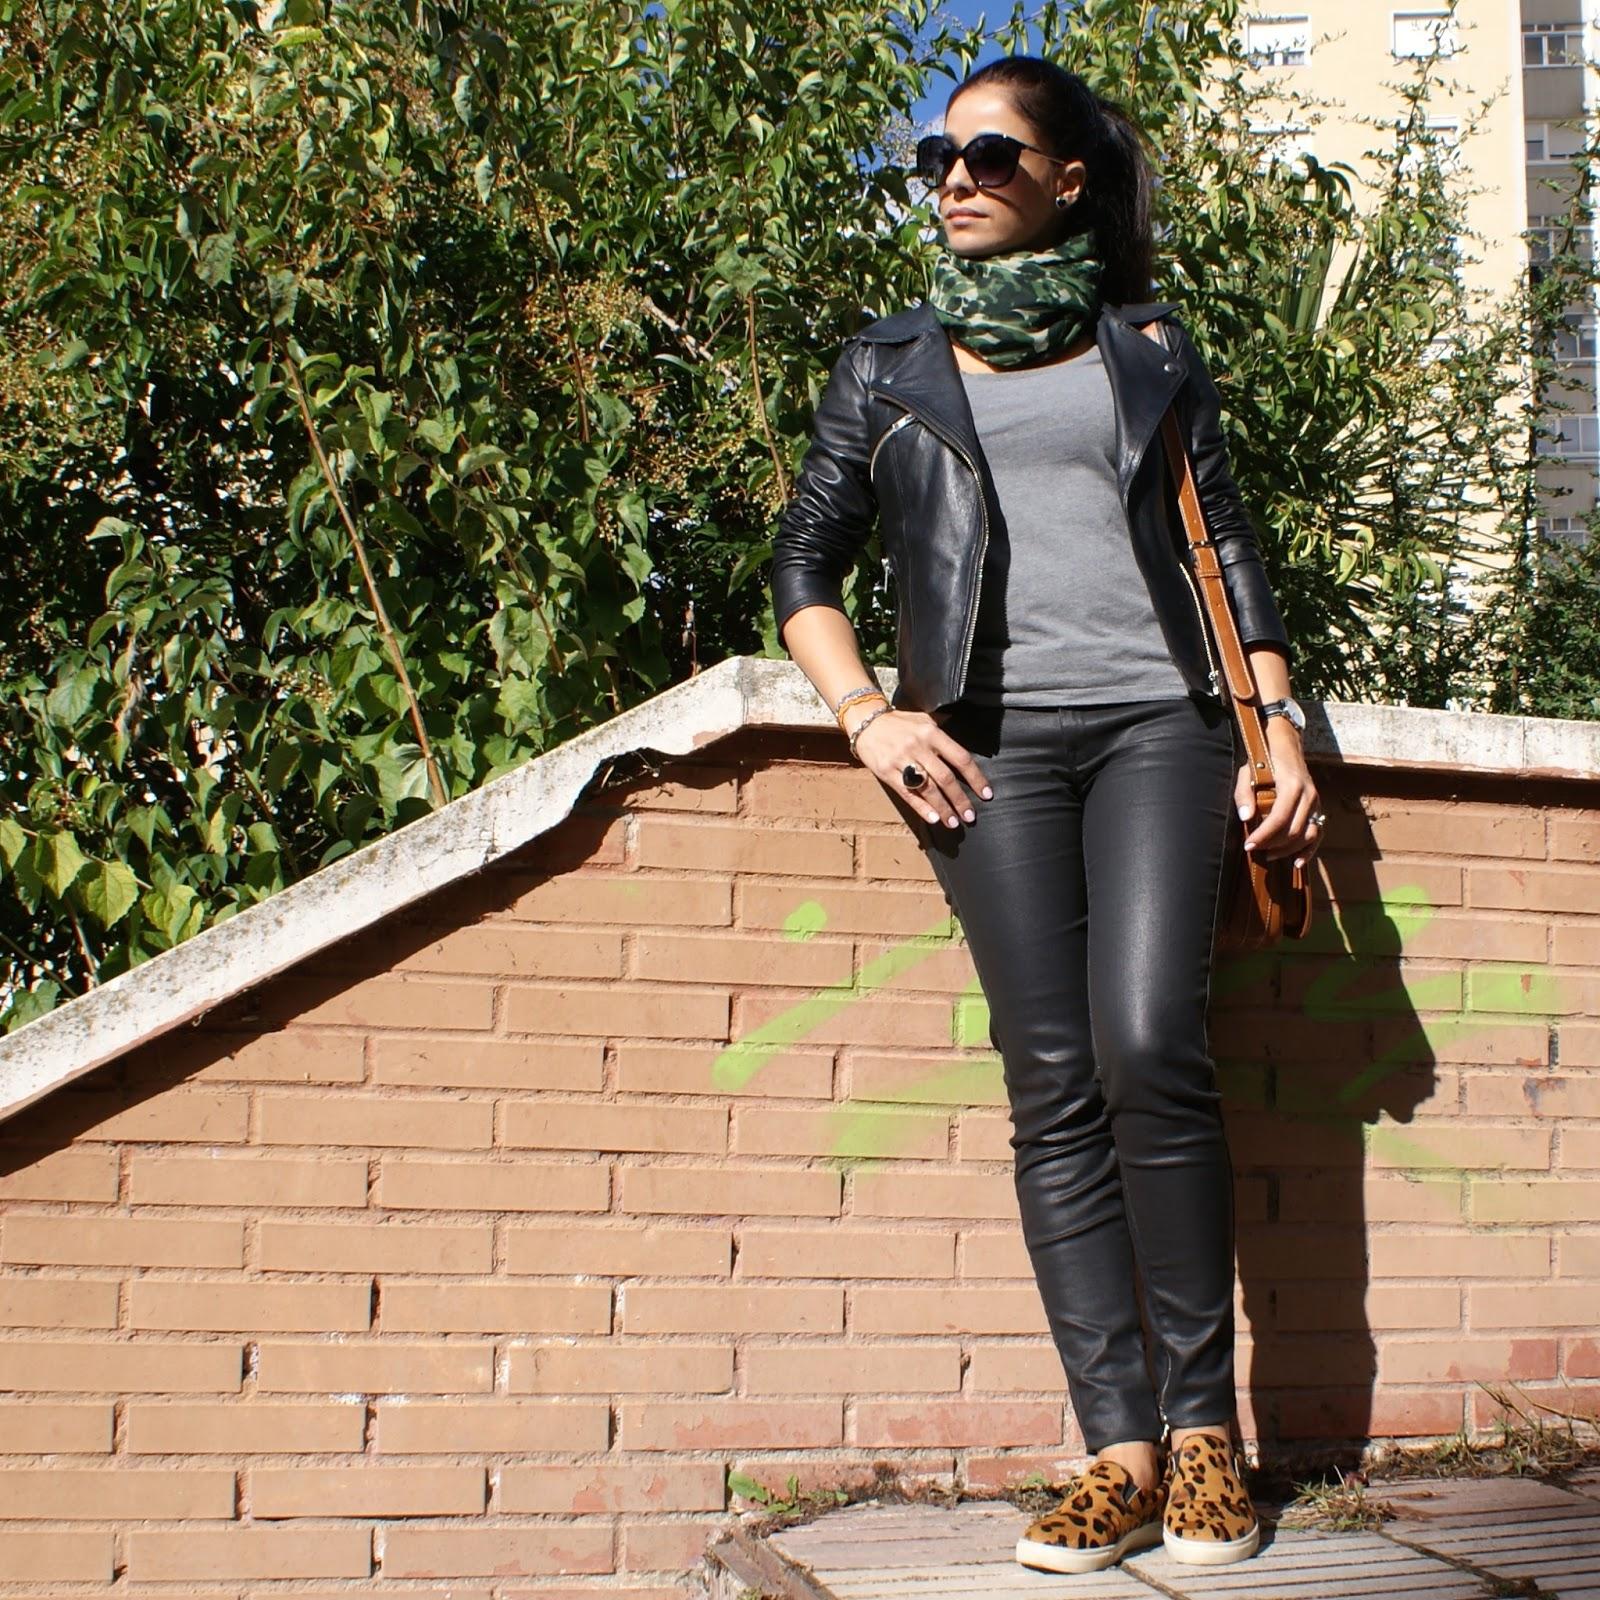 la caprichossa, blog, moda, 2014, estilo, outfit, inspiración